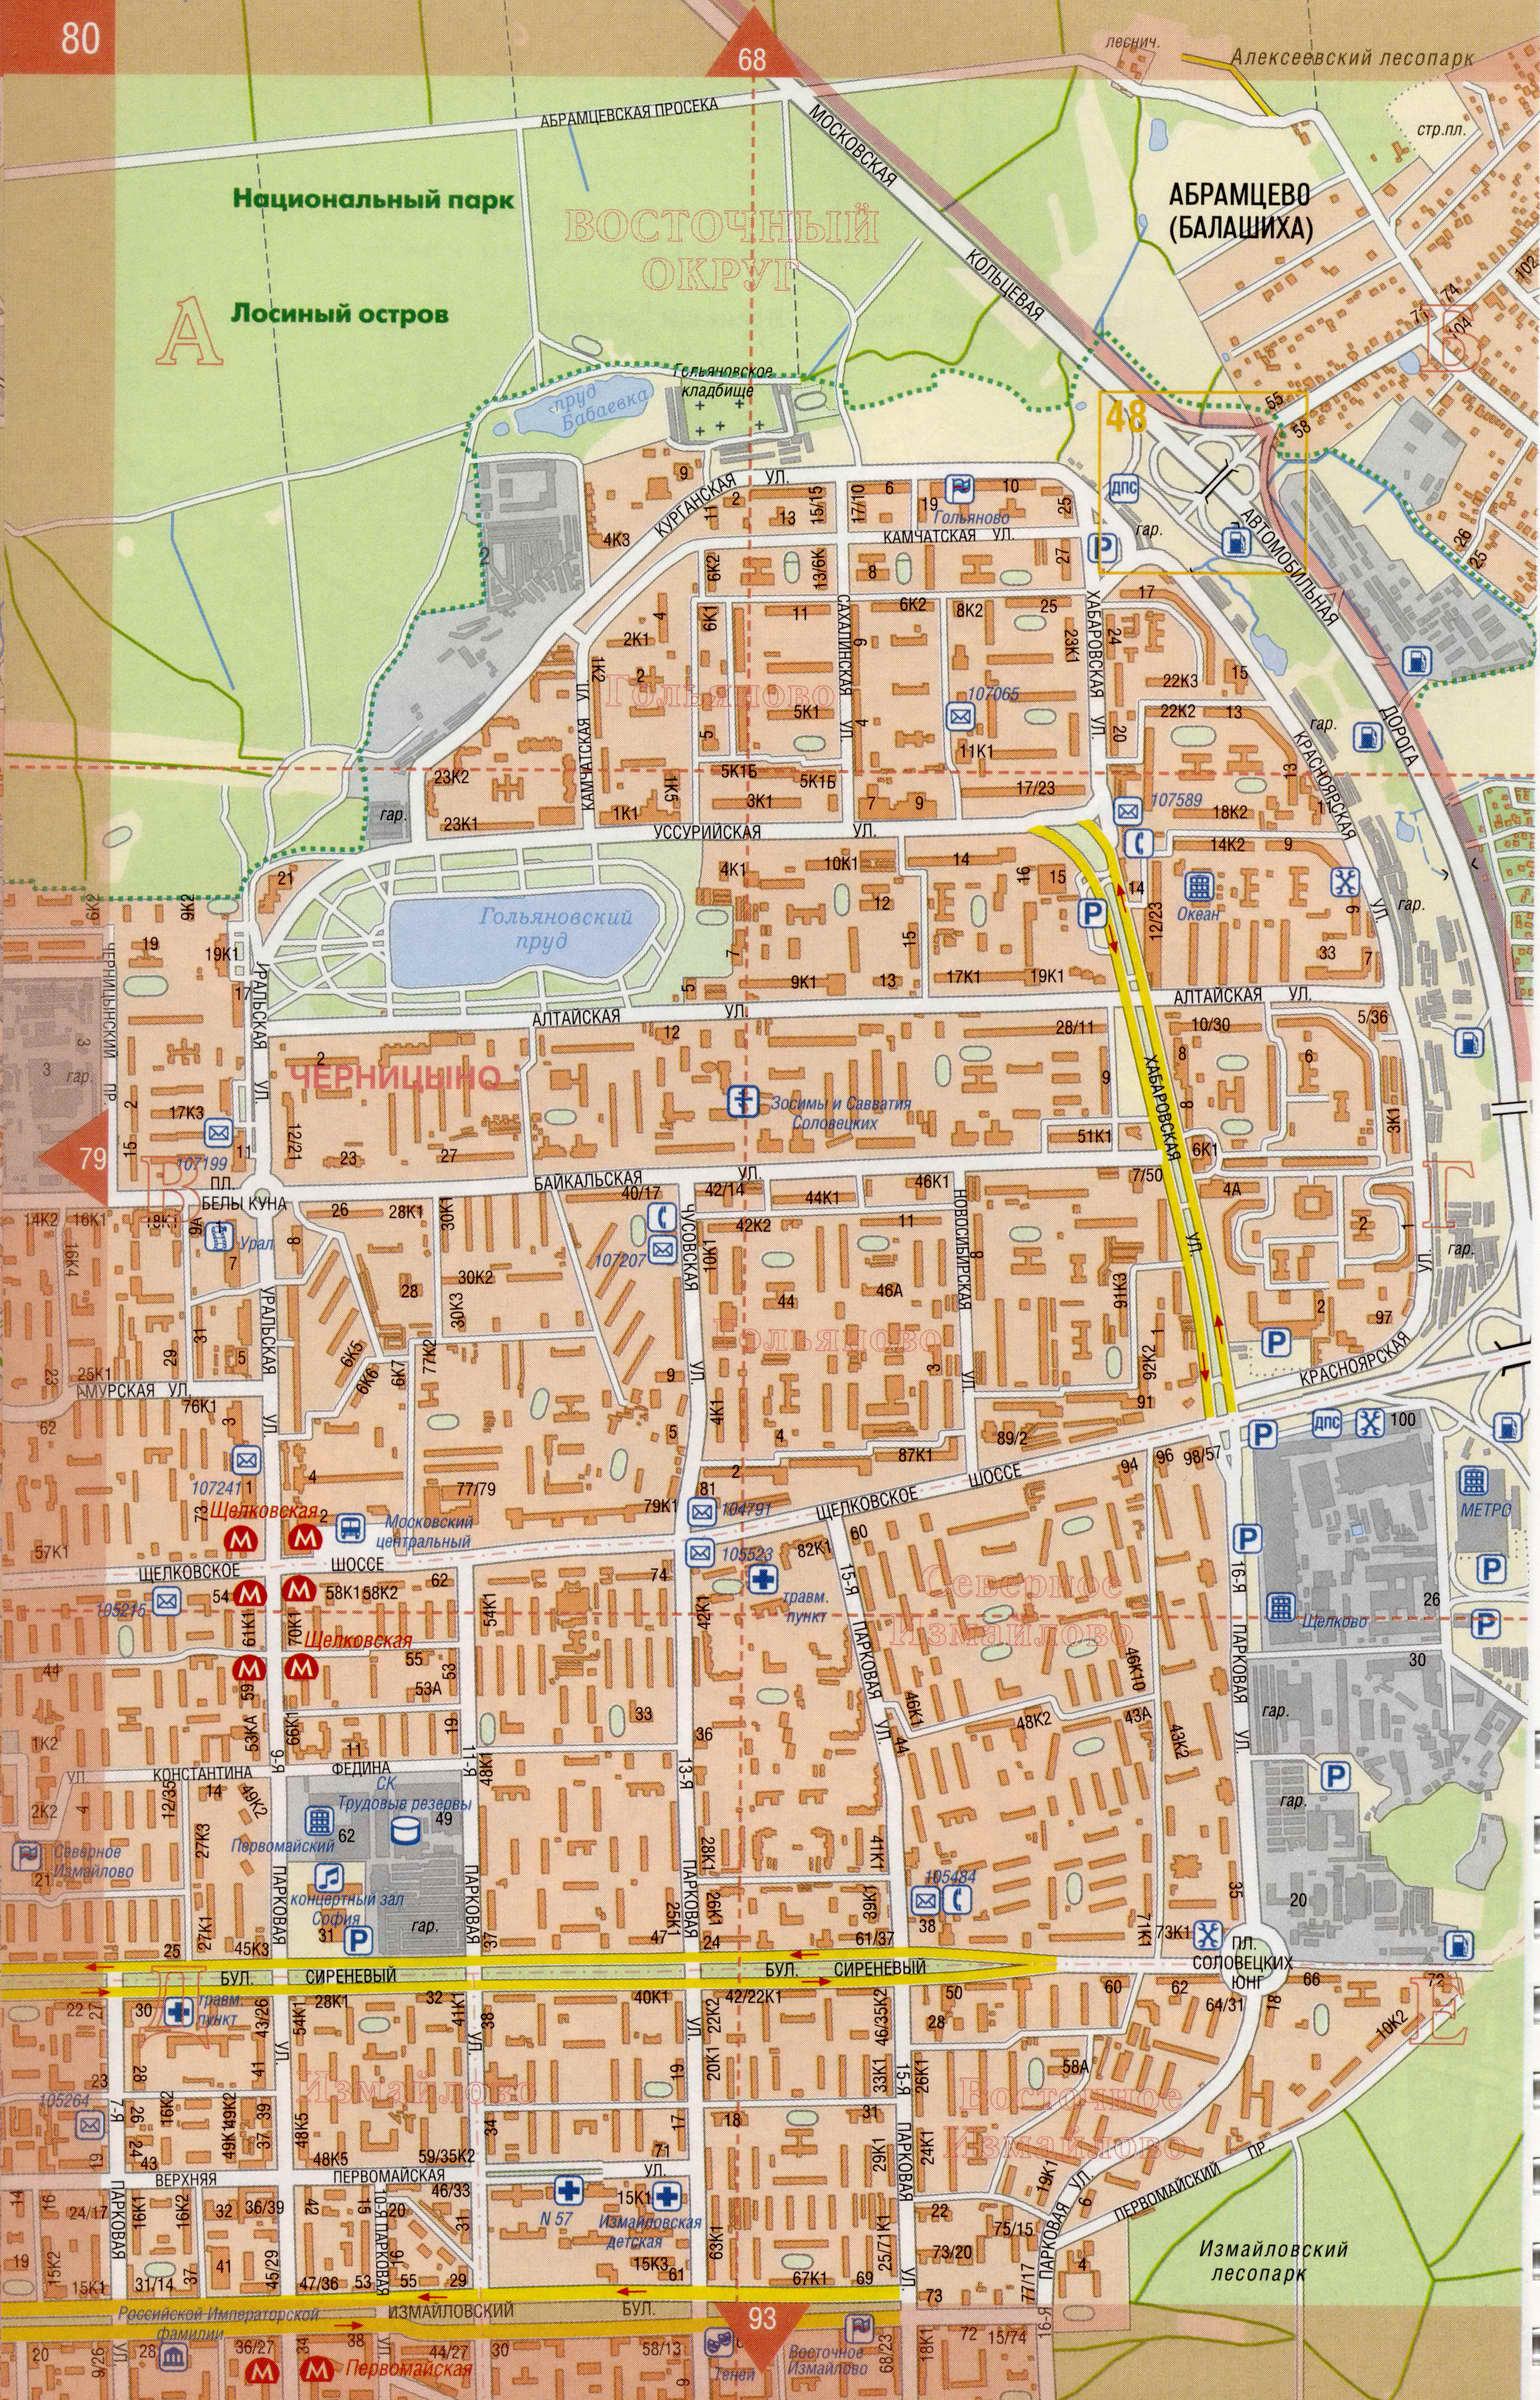 Карта Москвы с названиями улиц. Подробная карта улиц ...: http://rus-map.ru/map257859_2_10.htm